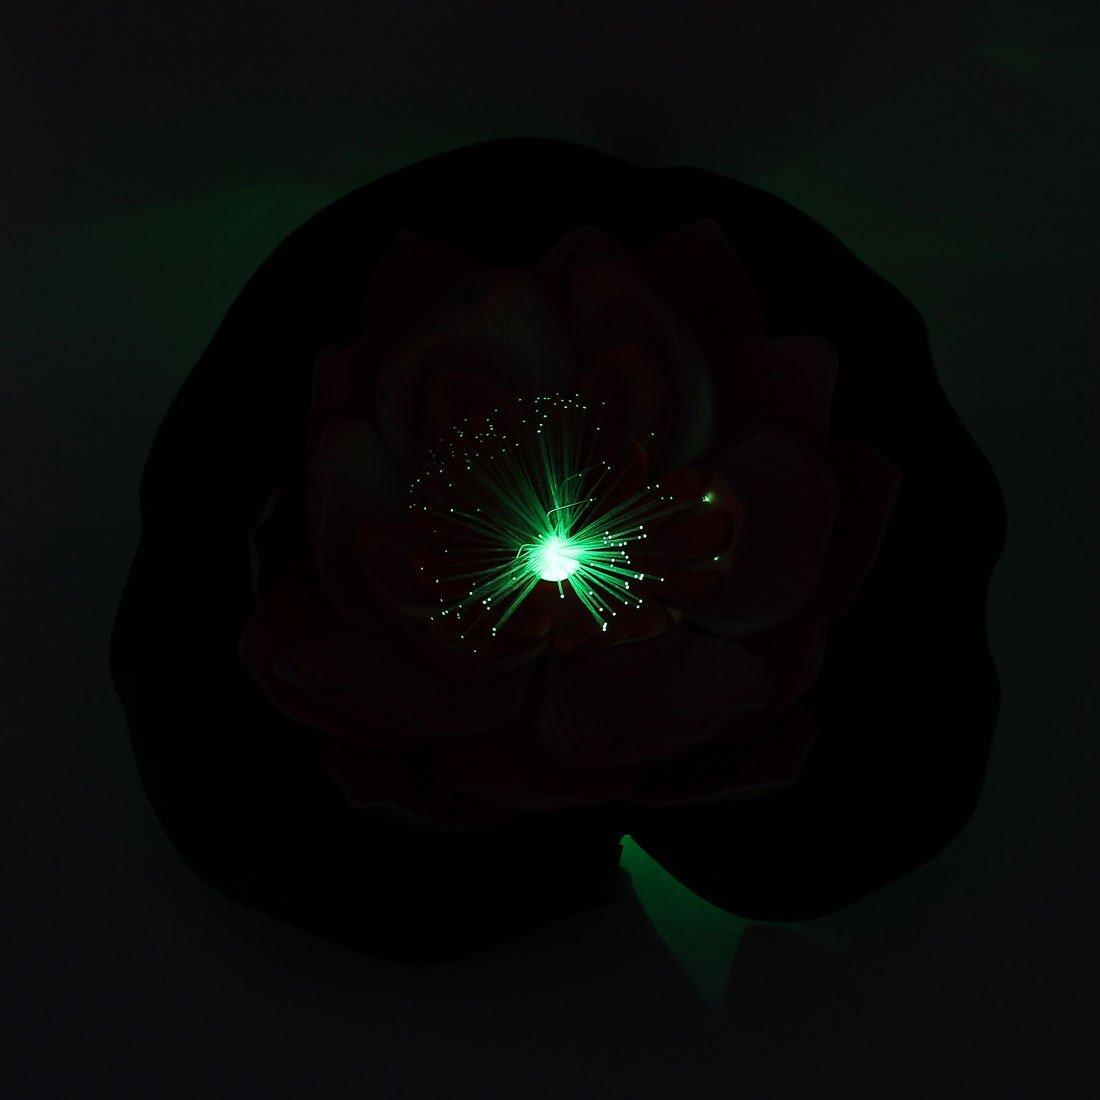 Amazon.com : eDealMax espuma Simulación diseño de Lotus acuática Planta pescado del acuario del tanque de la decoración : Pet Supplies